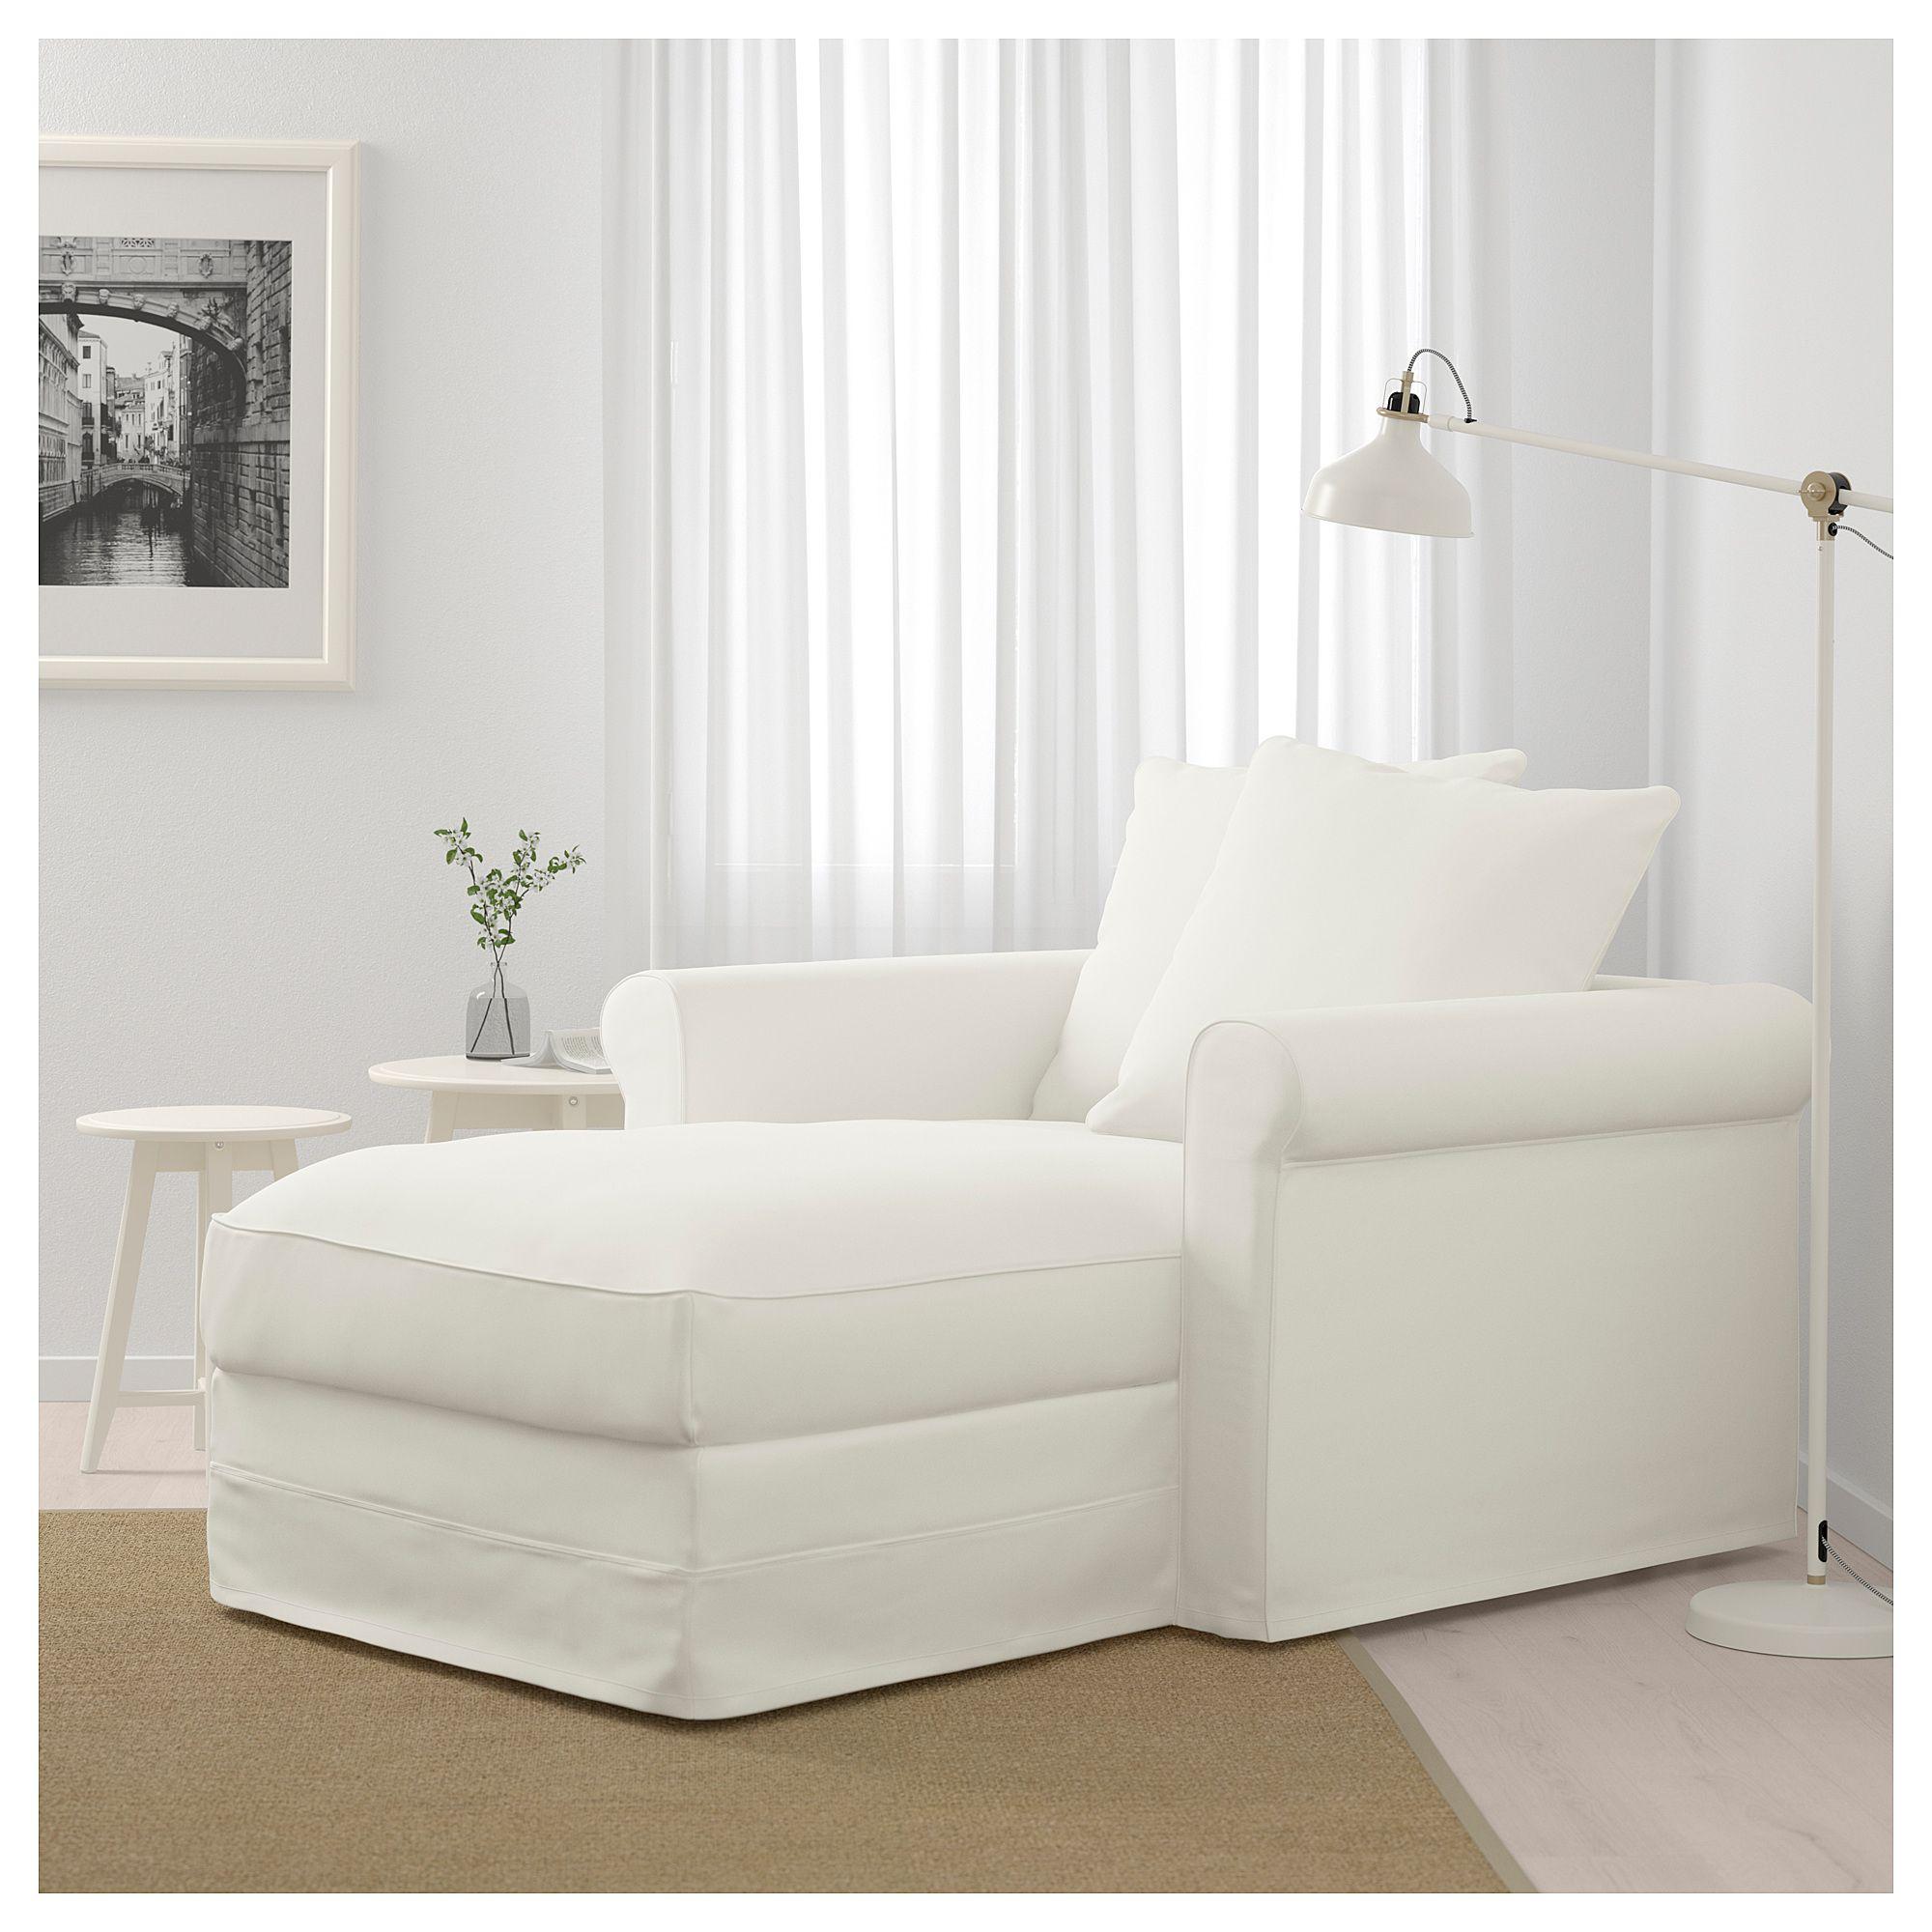 Ikea Sofa Geruch 52 Beste Teppich Geruch Entfernen Haus Innen